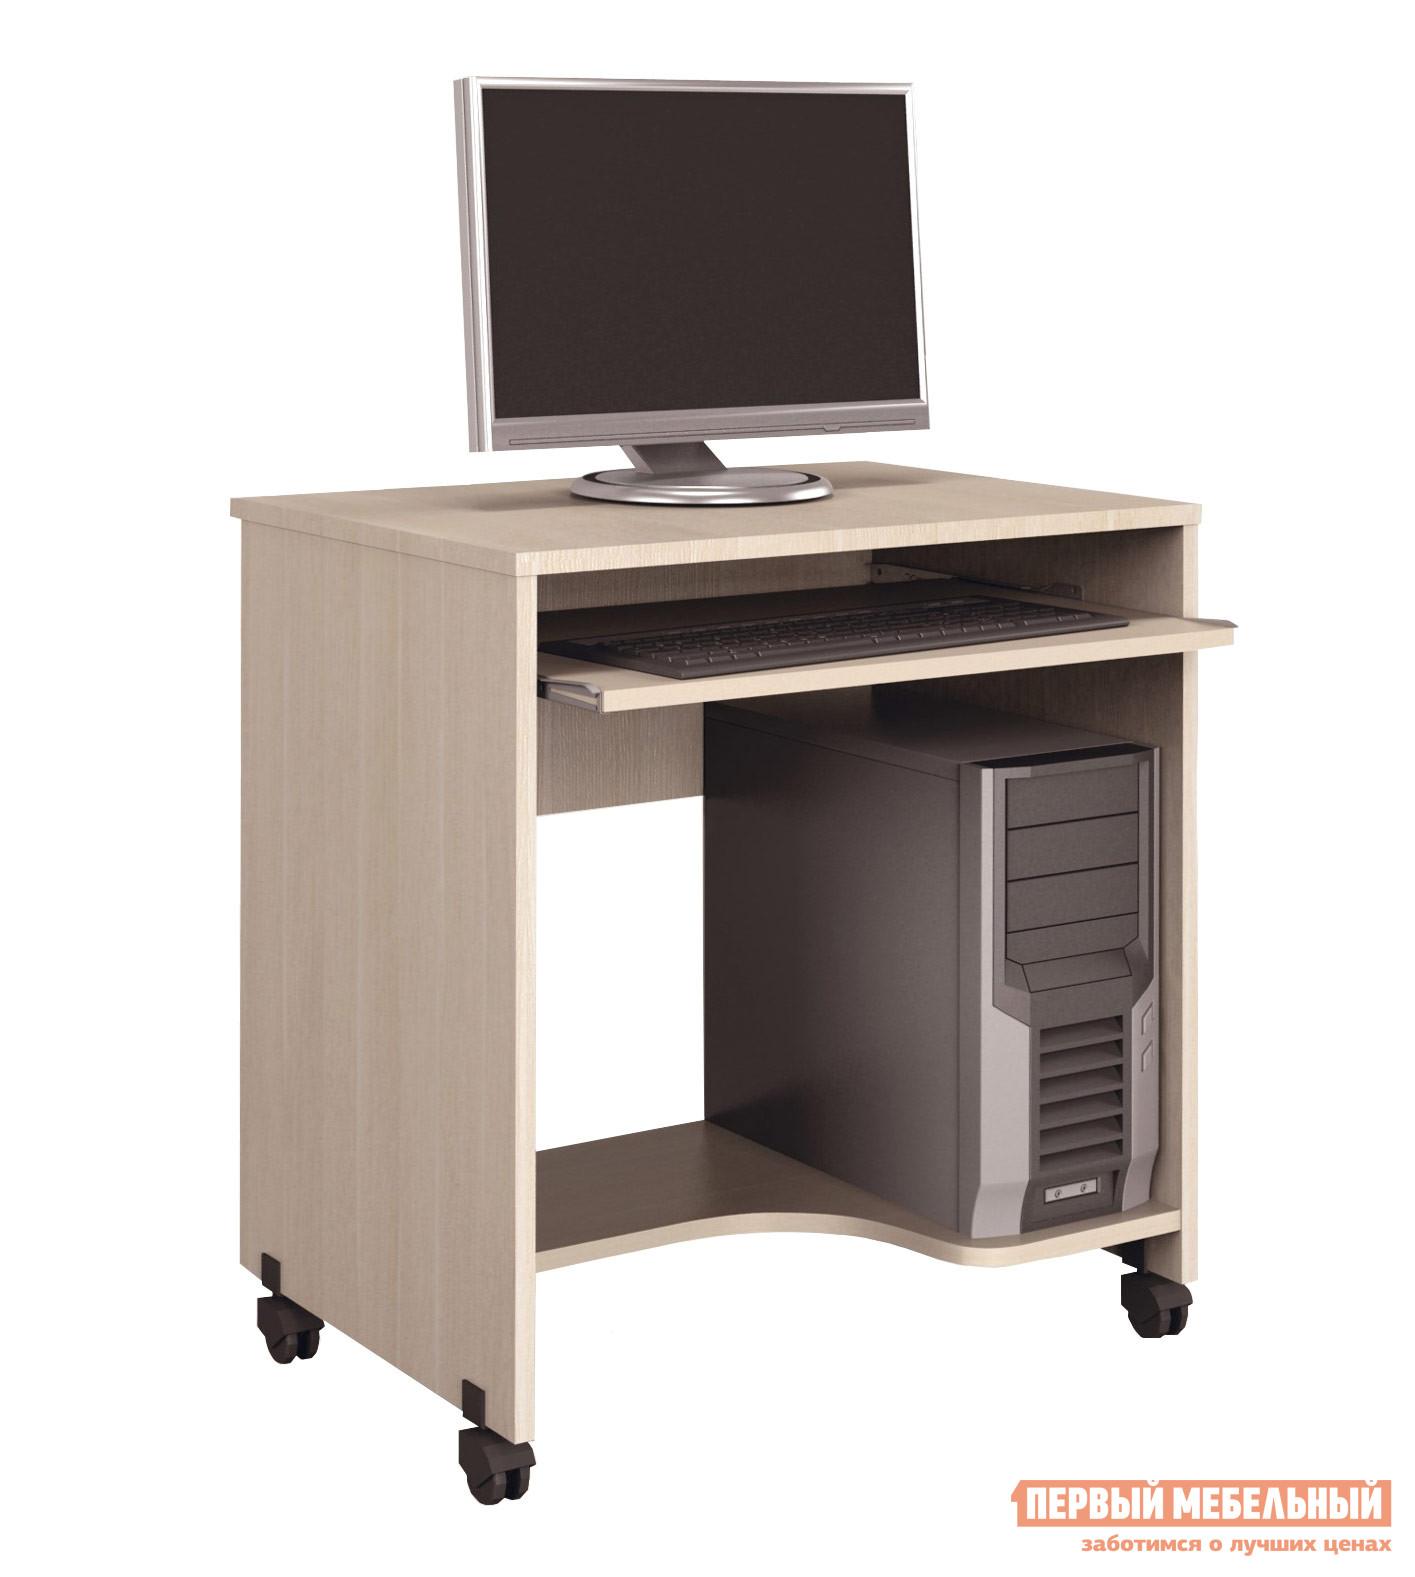 Компьютерный стол Витра Фортуна-22.1 Дуб КобургКомпьютерные столы<br>Габаритные размеры ВхШхГ 750x700x500 мм. Компактный компьютерный стол.  Благодаря маленьким размерам отлично подойдет для малогабаритных помещений.  А за счет простого и непритязательного дизайна он отлично впишется как в офисный, так и в домашний интерьер. В состав стола входят полка системный блок и выдвижная полка под клавиатуру.  Колесные опоры придают столу мобильность Изделие выполнено из ламинированной ДСП толщиной 22 мм, 16 мм.  Кромка деталей обработана ударопрочным кантом ПВХ толщиной 0,4-2мм.   Стол оптимален для монитора диагональю 22. Изделие поставляется в разобранном виде.  Хорошо упаковано в гофротару вместе с необходимой фурнитурой для сборки и подробной инструкцией. Обратите внимание! Для получения гарантийного обслуживания мебели фабрики «Витра» необходимо обязательно сохранять гарантийный талон и сборочный чертеж до окончания гарантийного срока на приобретенную мебель (срок указан в гарантийном талоне).<br><br>Цвет: Дуб Кобург<br>Цвет: Светлое дерево<br>Высота мм: 750<br>Ширина мм: 700<br>Глубина мм: 500<br>Кол-во упаковок: 1<br>Форма поставки: В разобранном виде<br>Срок гарантии: 5 лет<br>Тип: Прямые<br>Материал: Деревянные, из ЛДСП<br>Размер: Маленькие, Шириной 70 см<br>Особенности: Без надстройки, На колесиках